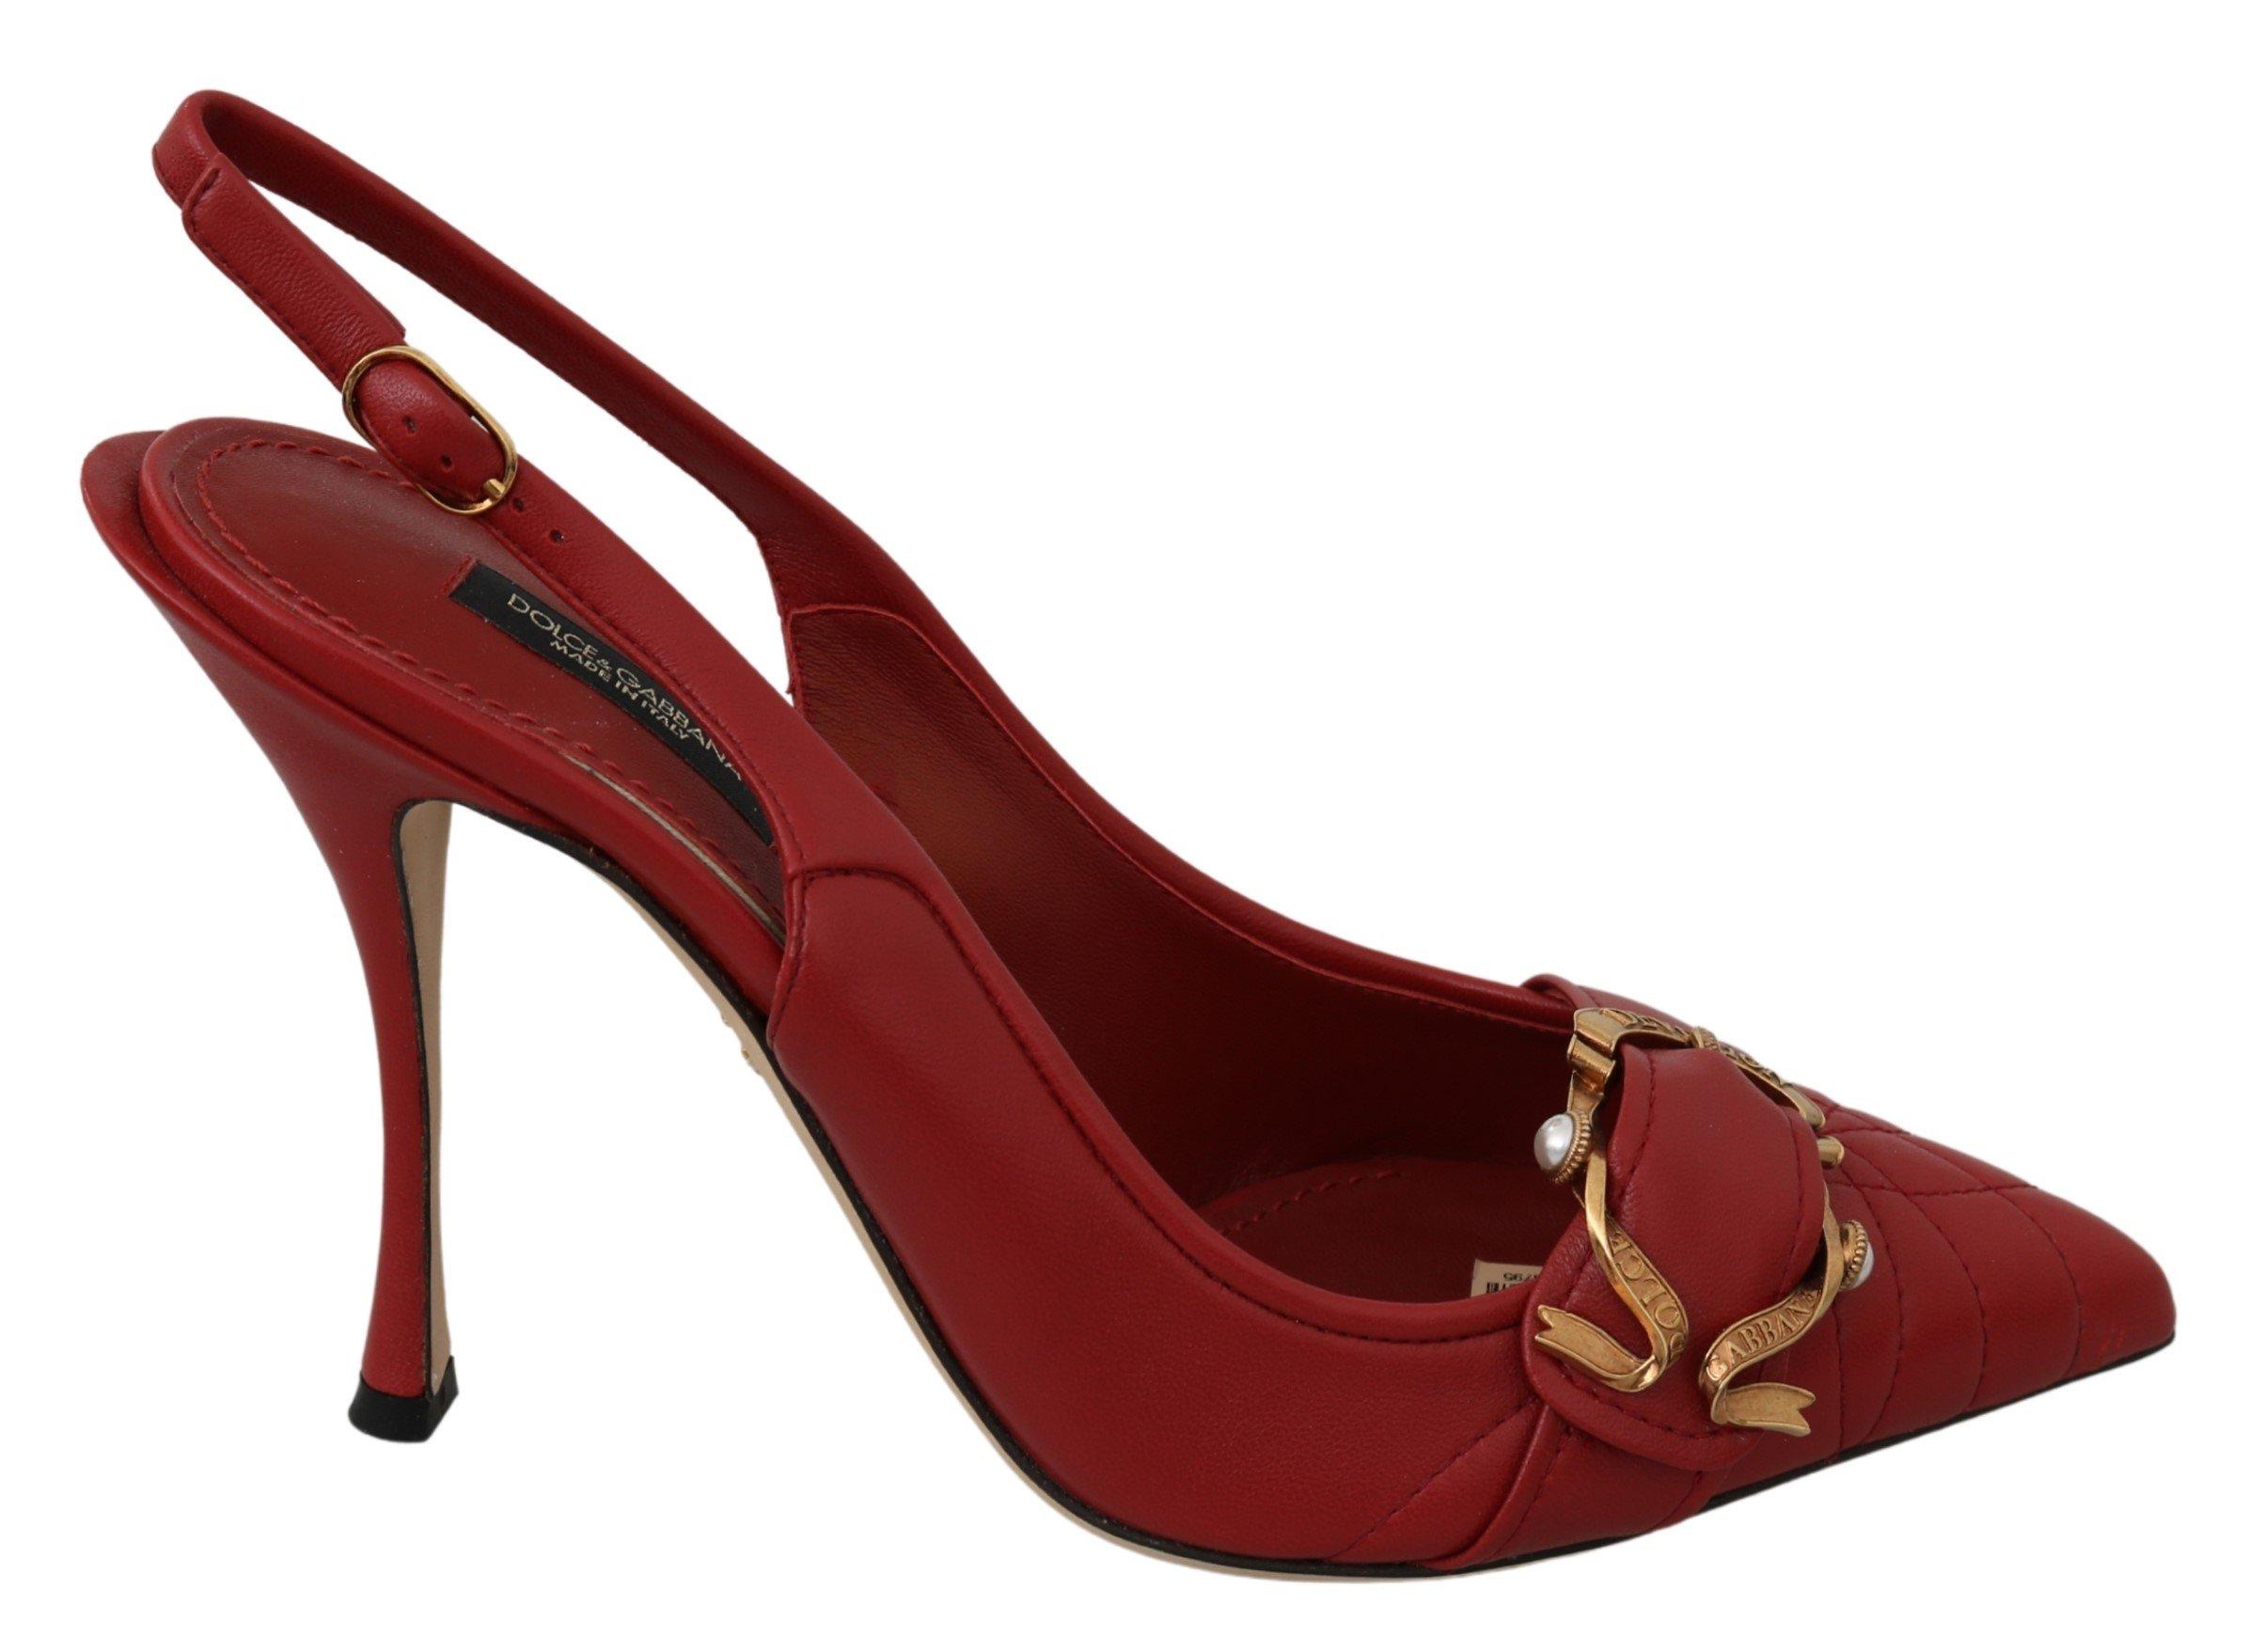 Dolce & Gabbana Women's Devotion High Slingback Heels Red LA7133 - EU39/US8.5